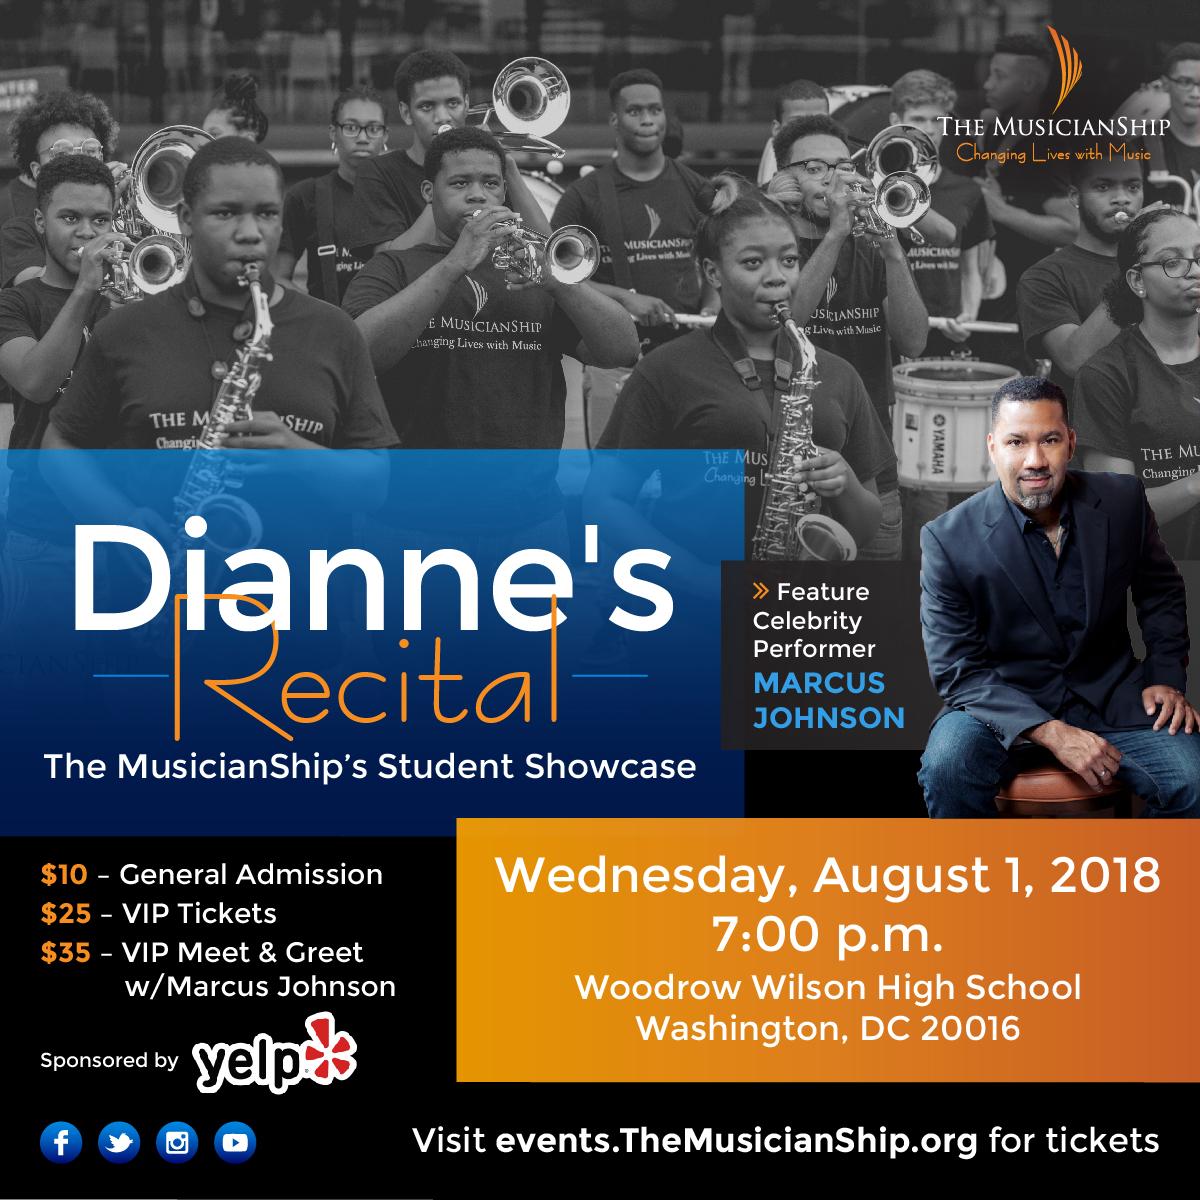 Dianne's Recital featuring Marcus Johnson